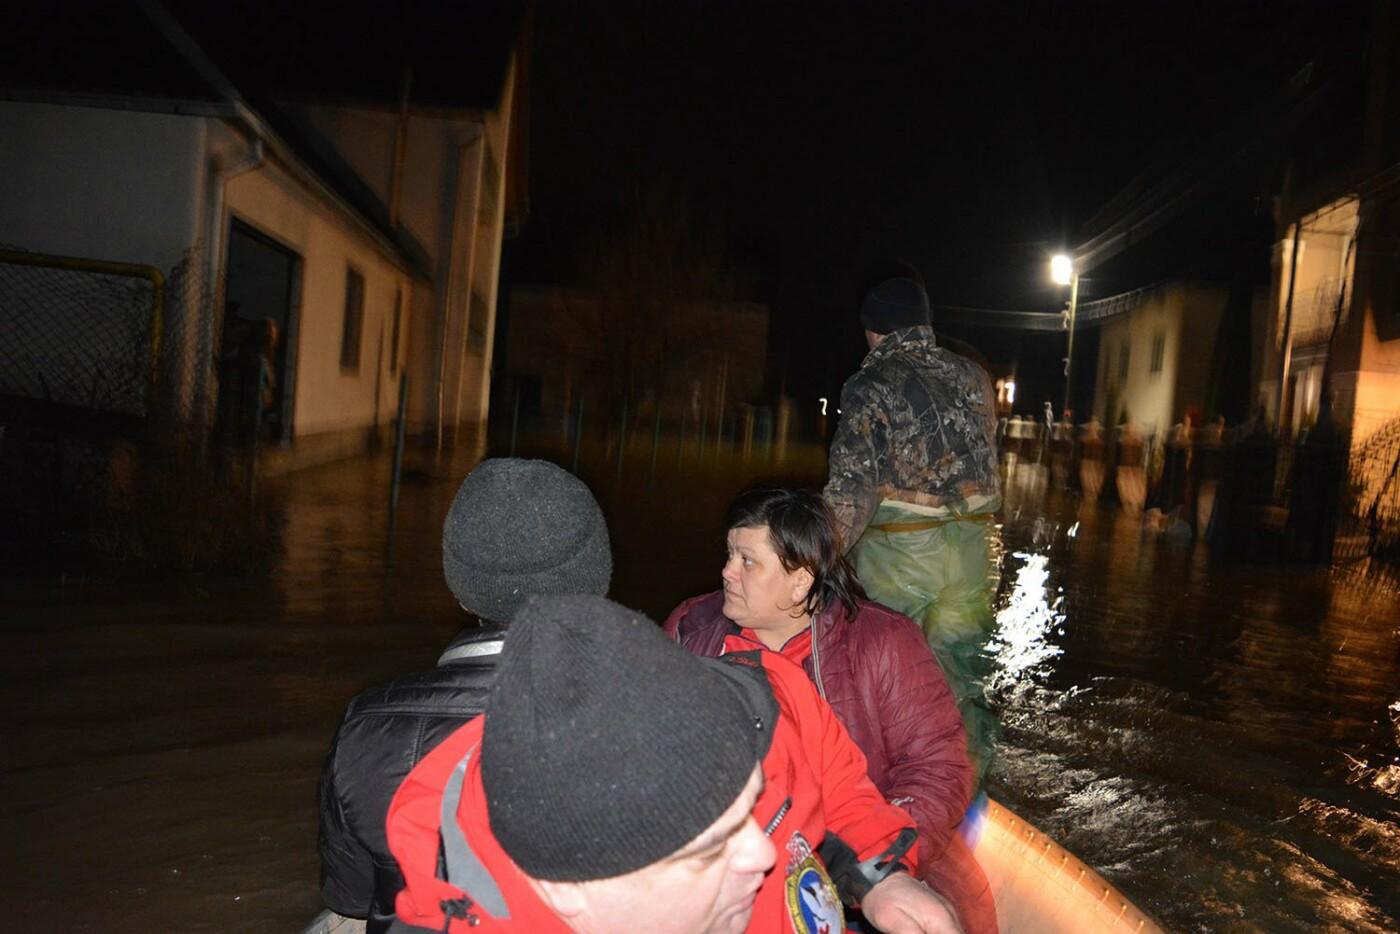 Ситуація стабілізувалася: на Закарпатті човнами евакуювали людей, постраждалих від паводку (ФОТО, ВІДЕО), фото-9